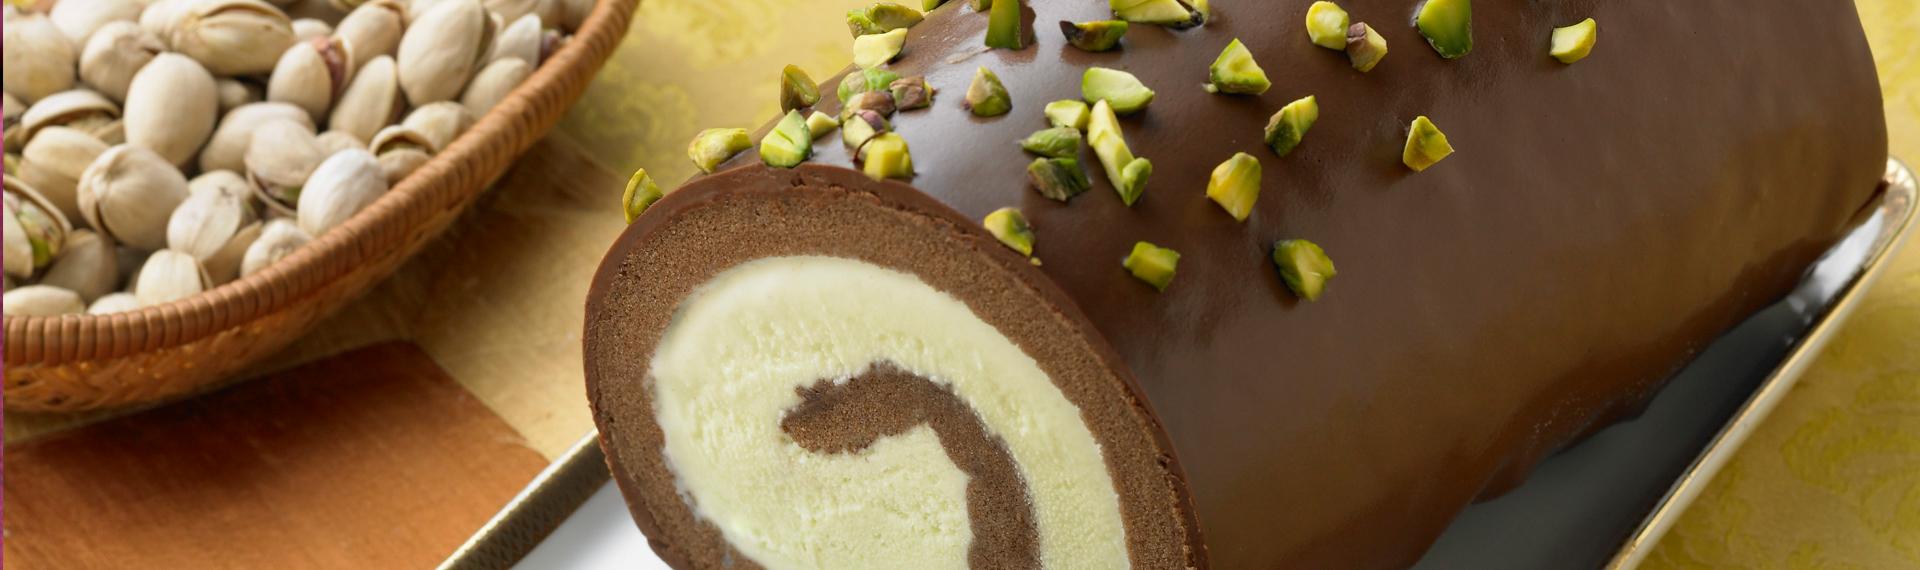 Pistachio Ice Cream Cake Roll